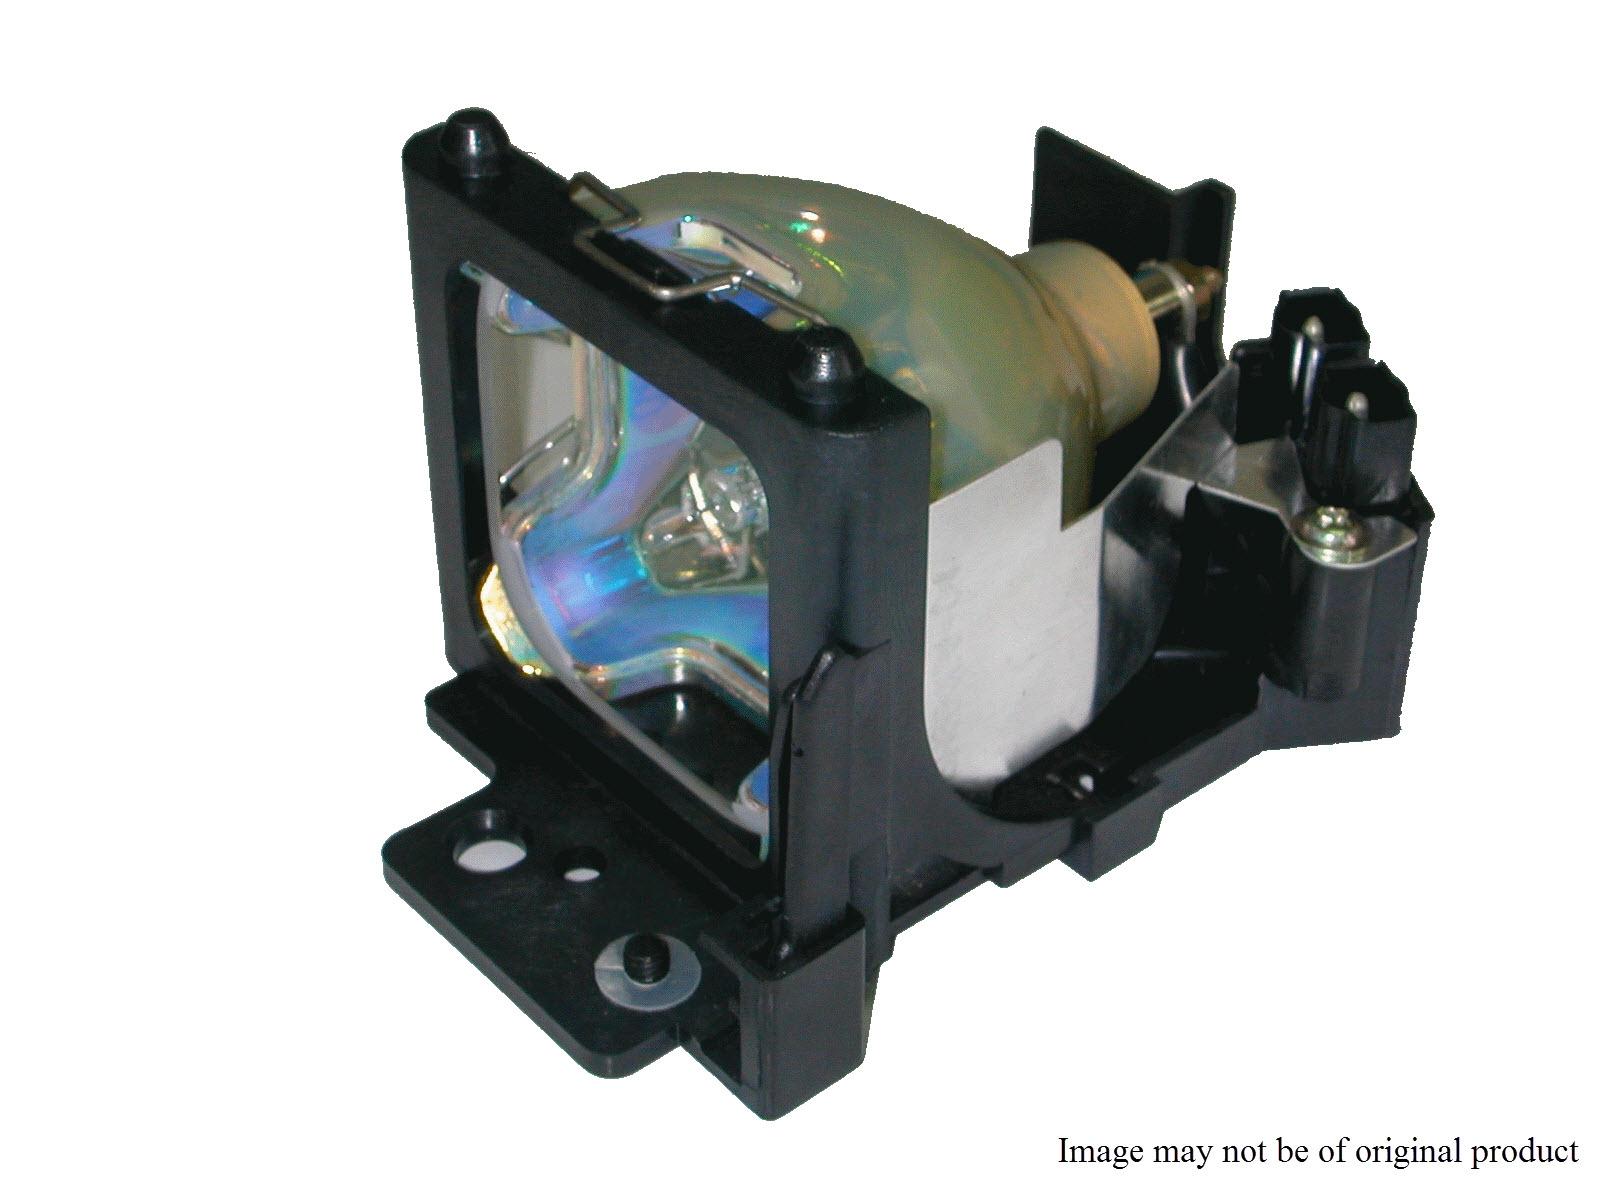 V7 VPL2442-1E 230W projection lamp